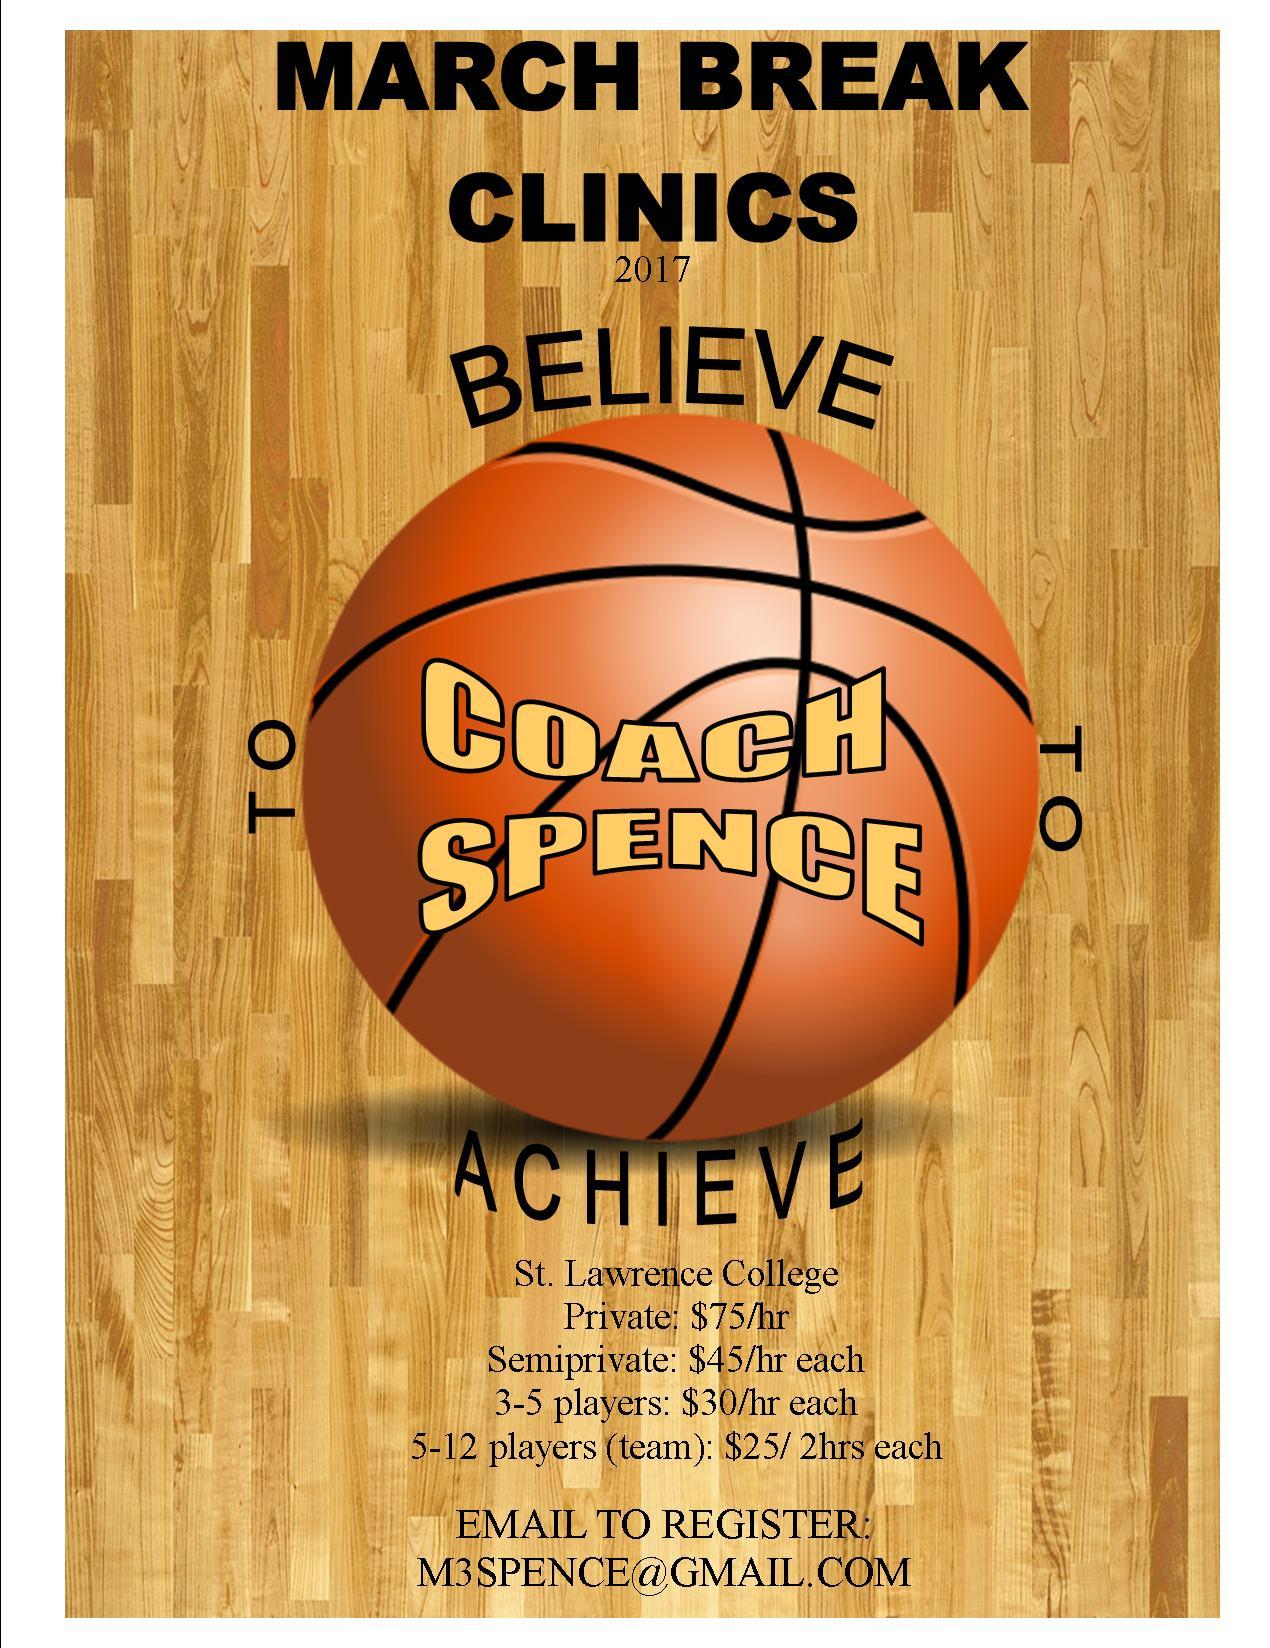 Clinic Flyer Design Original (jpeg)